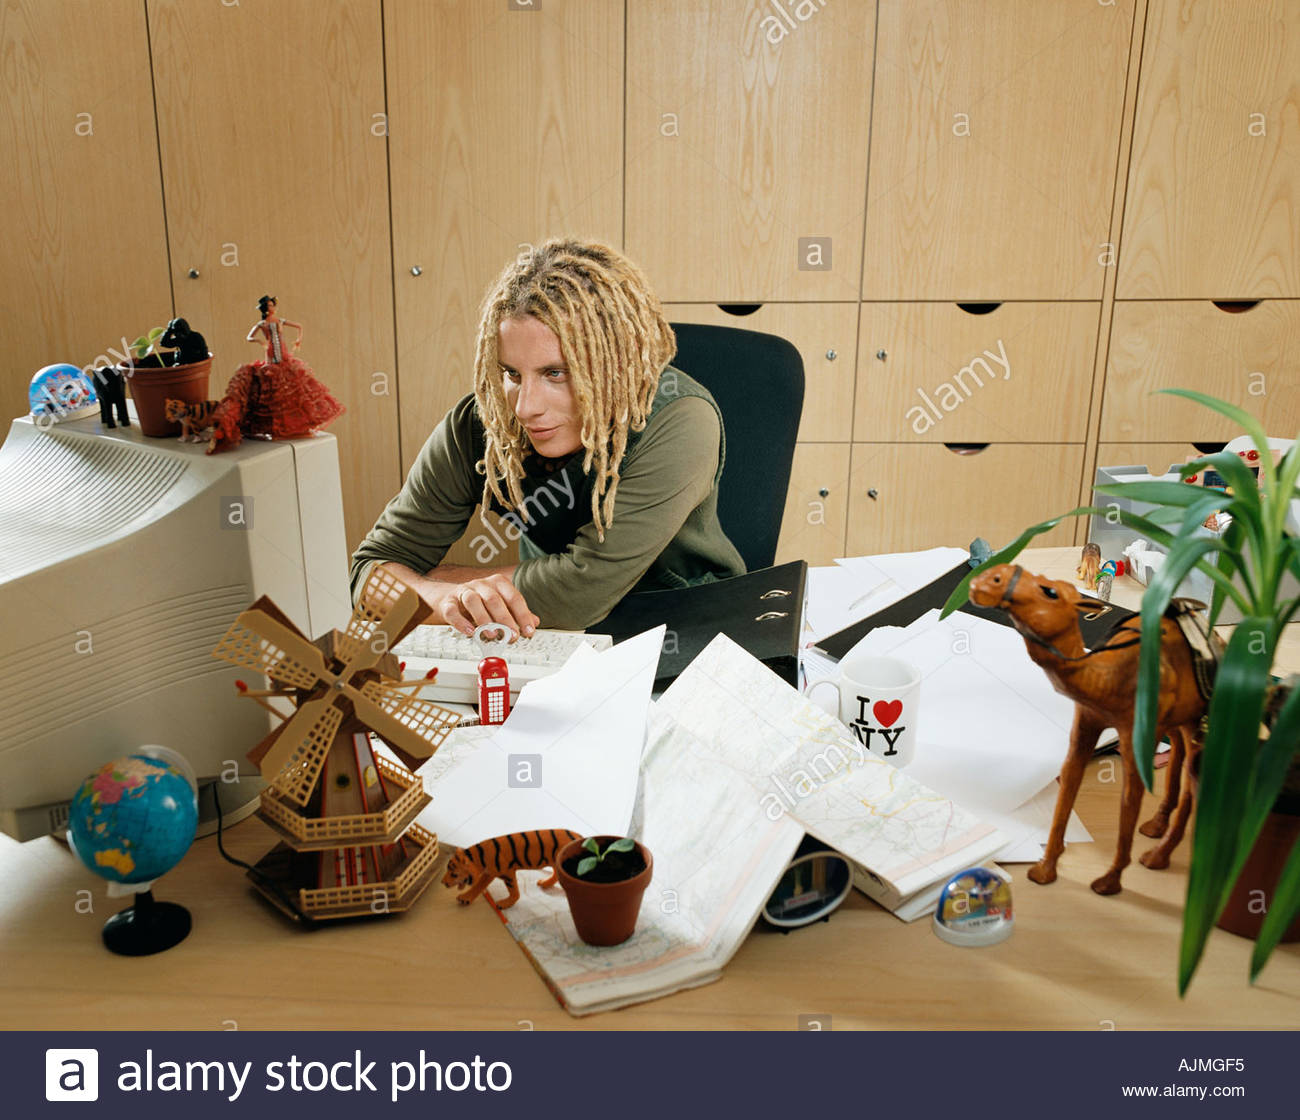 Mann mit einem Schreibtisch voller souvenirs Stockbild